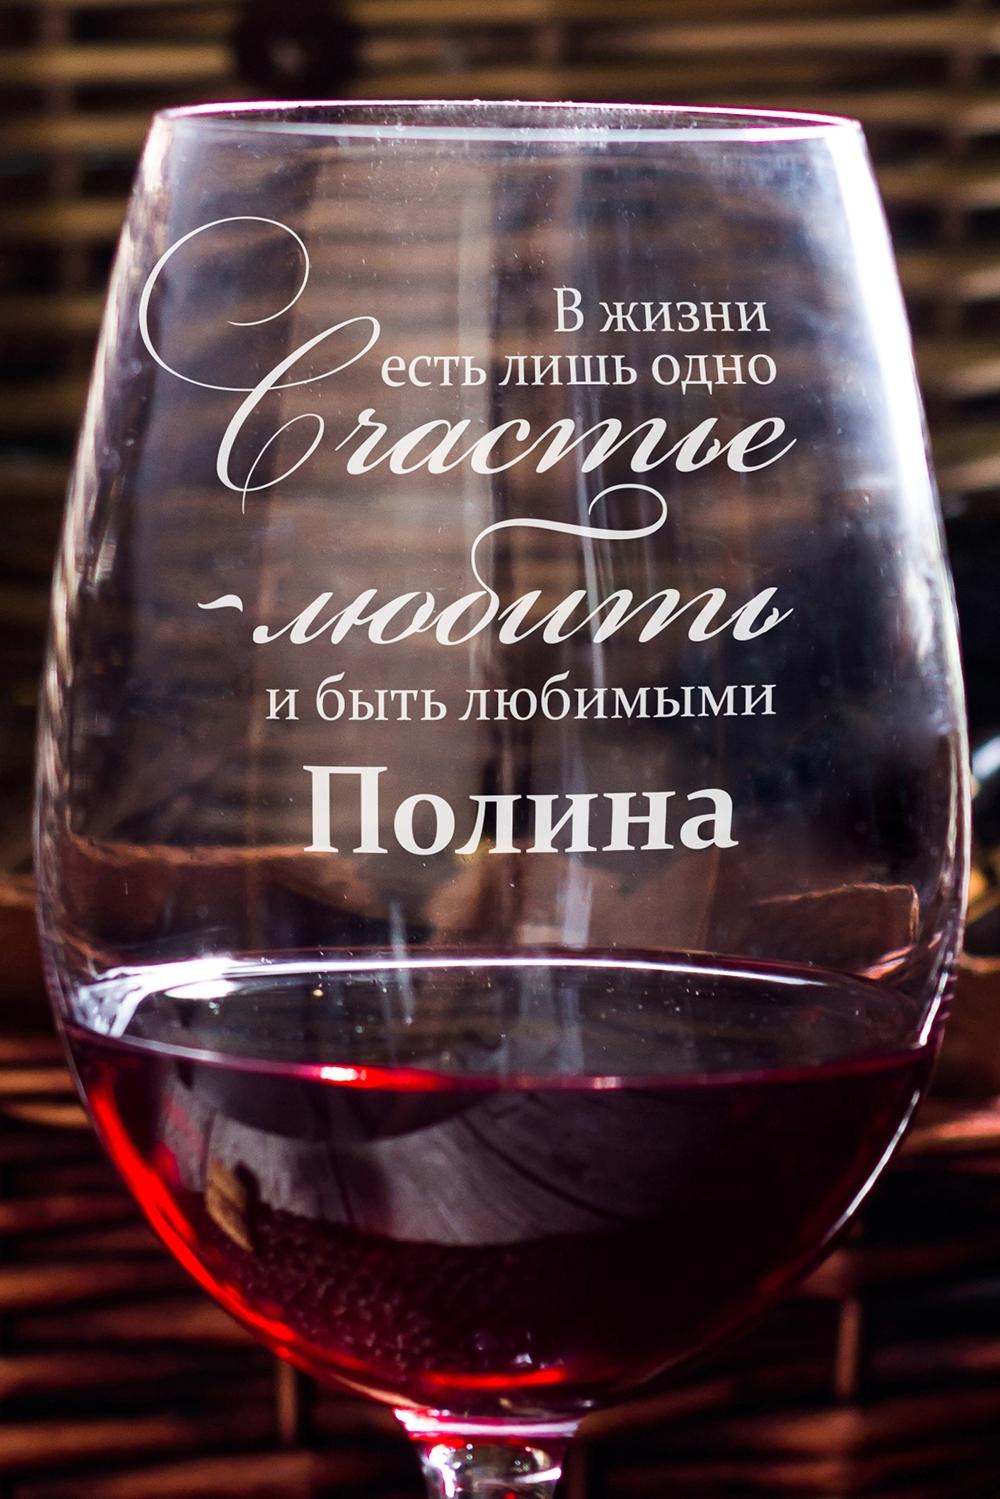 Картинки с вином и надписями